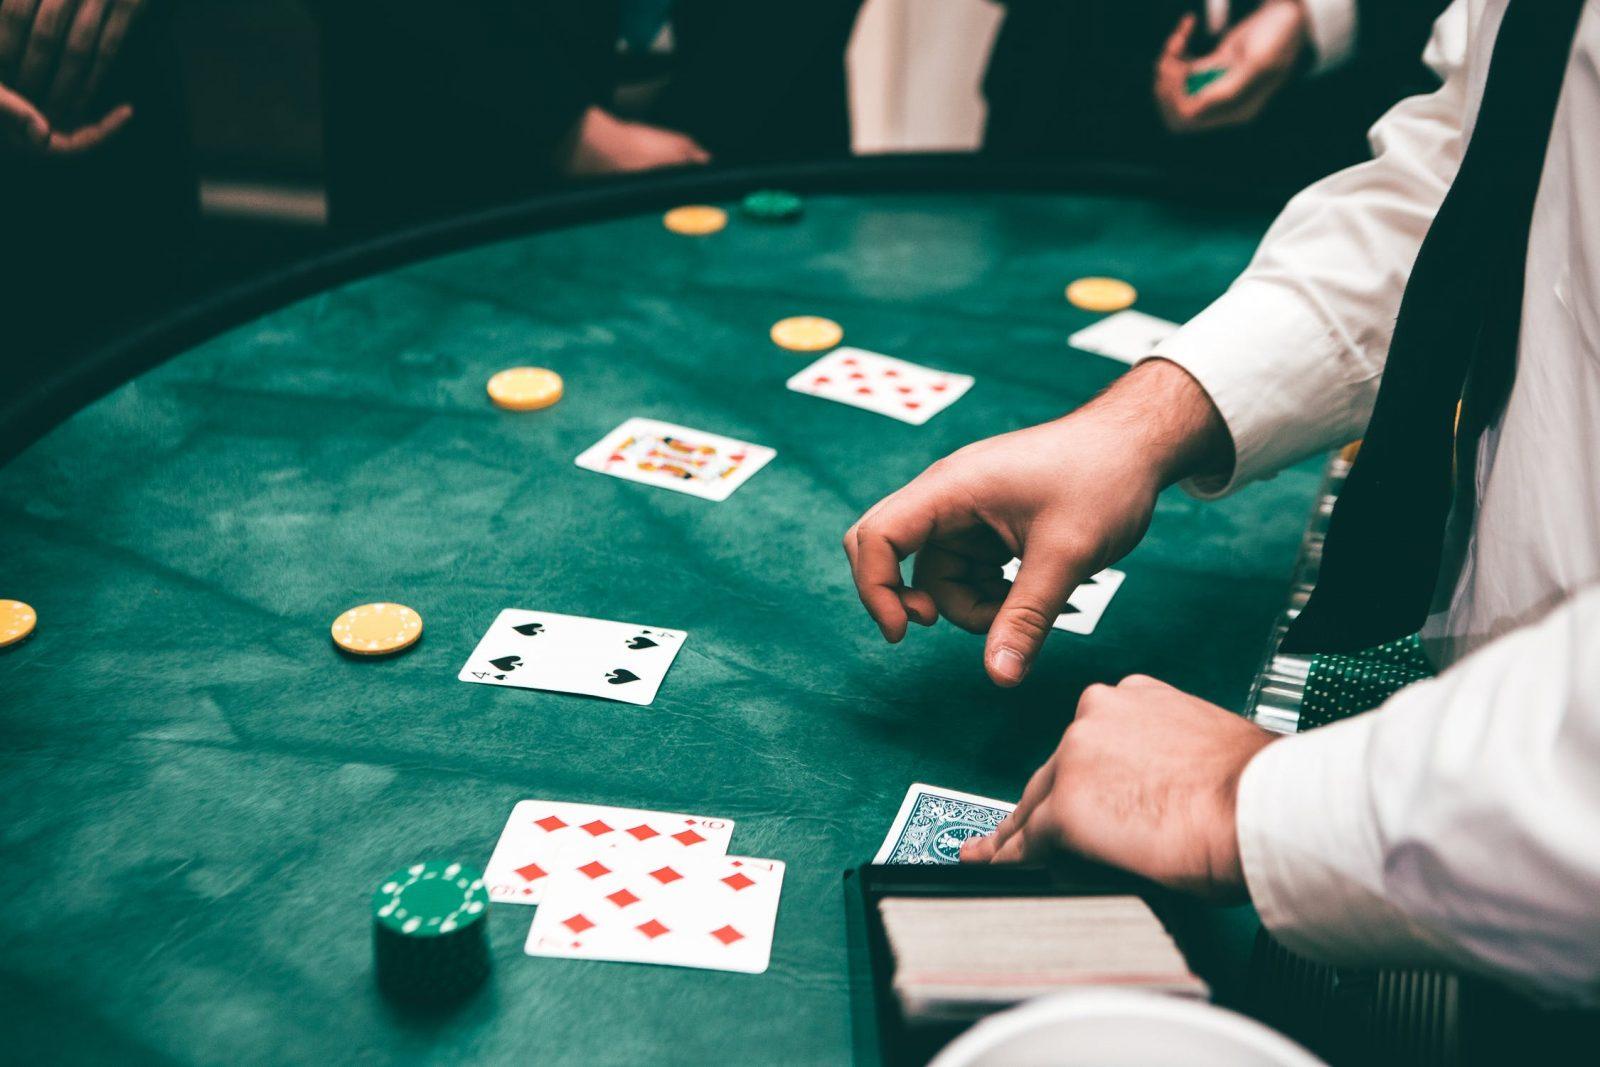 L'industrie des jeux d'argent : prévisions, technologies et tendances de ce secteur en pleine croissance